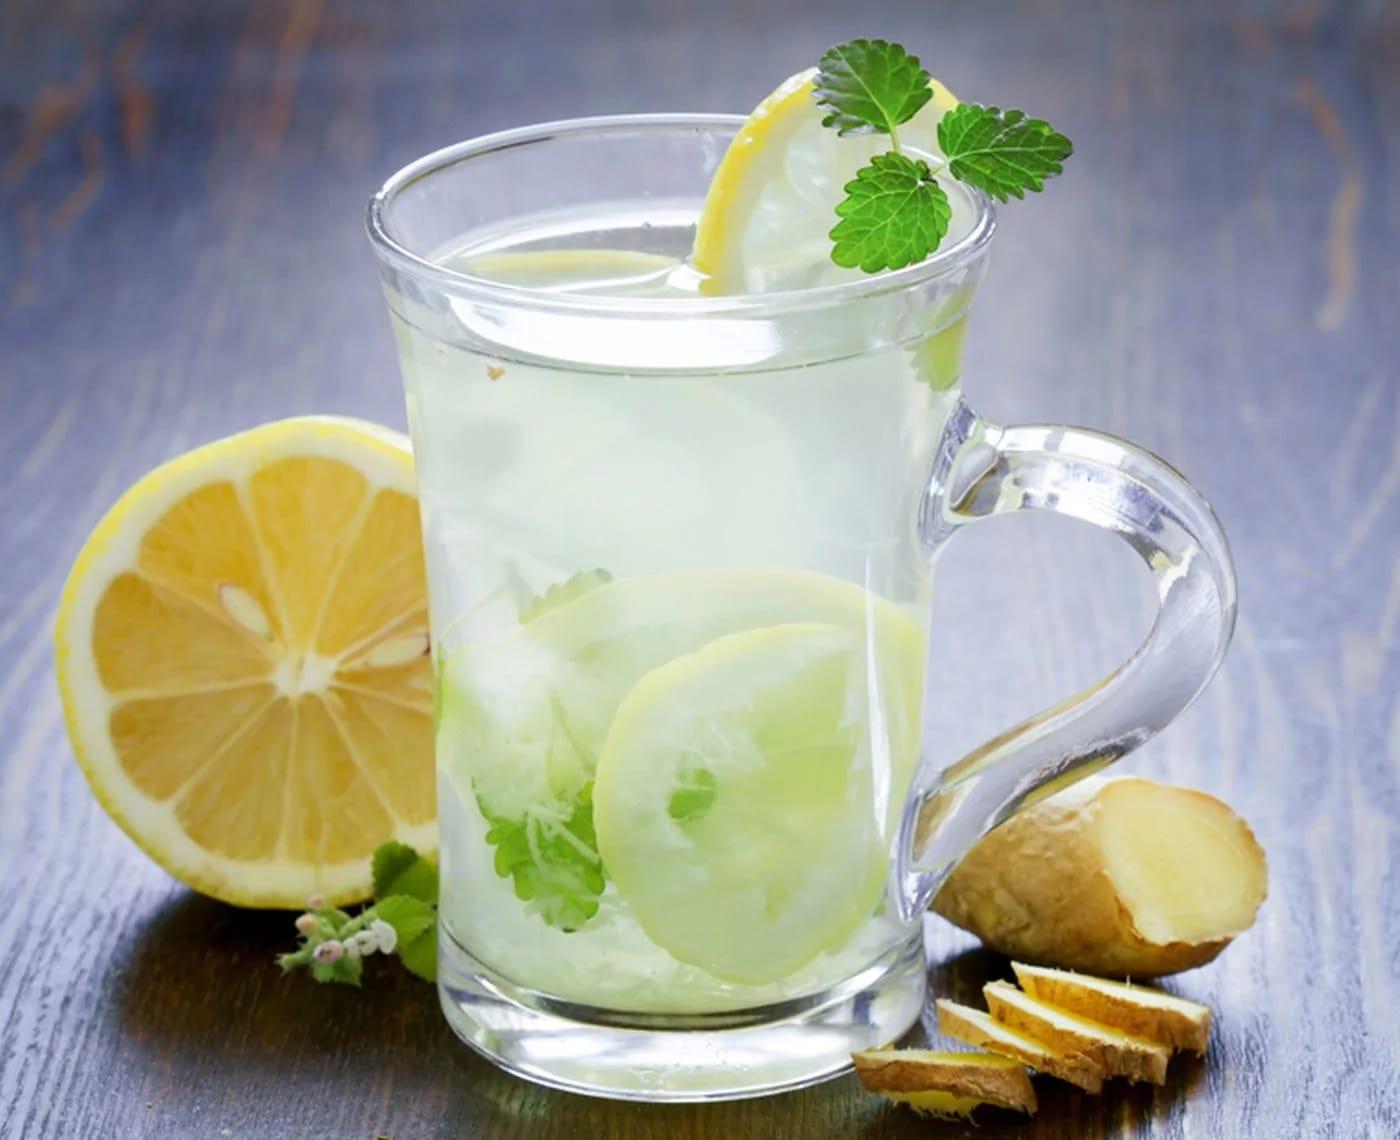 Trước khi đi ngủ nên uống gì để giảm mỡ bụng